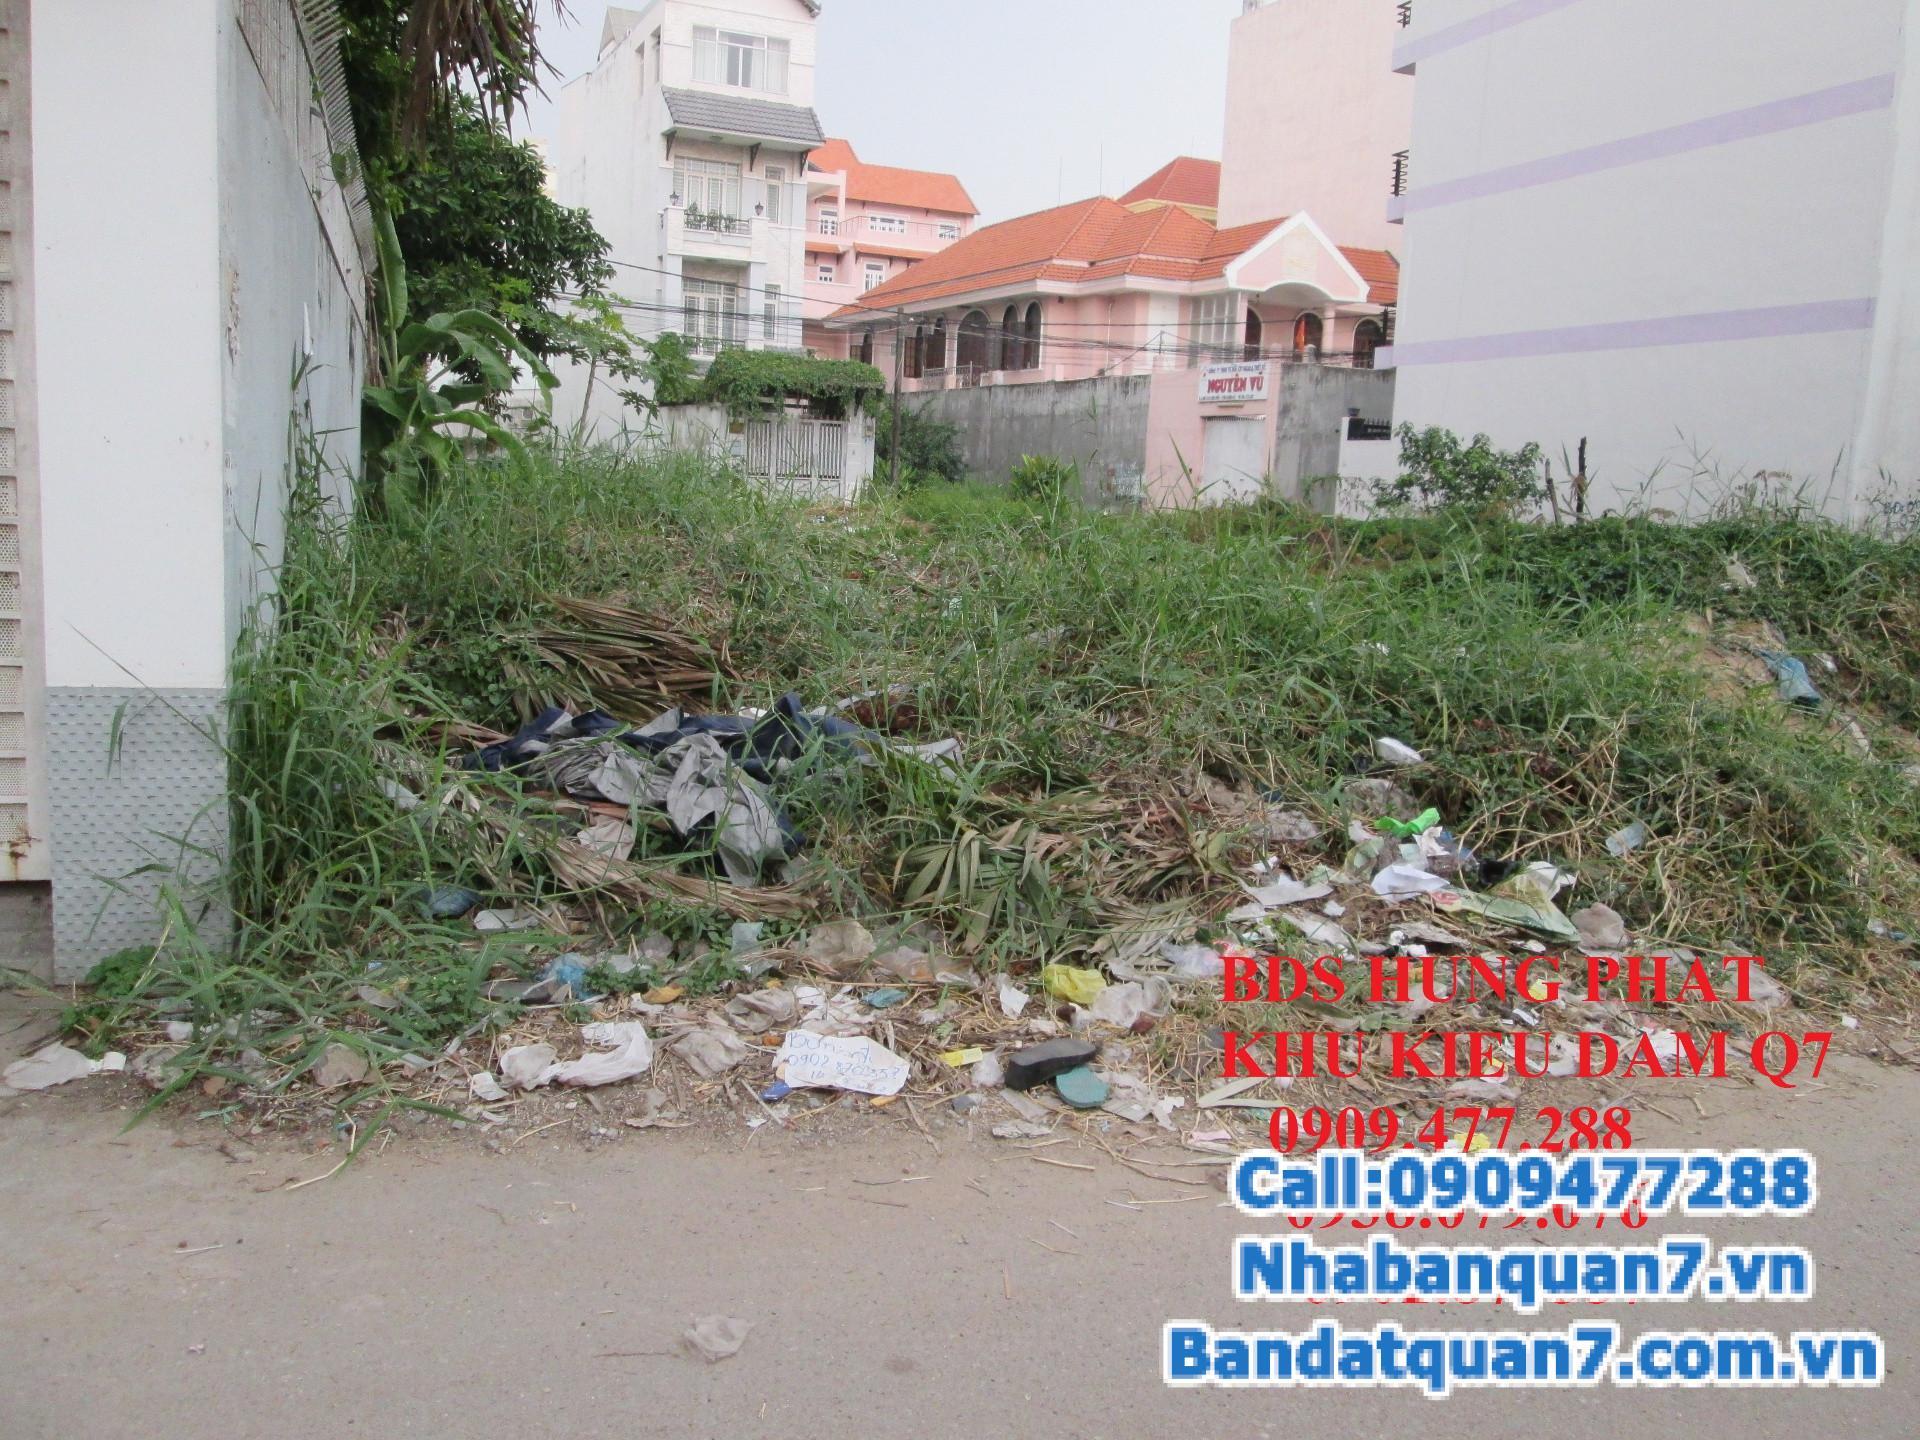 Bán gấp lô đất nền căn góc 2 măt tiền trong khu dân cư khu Kiều Đàm, P. Tân Hưng, Quận7